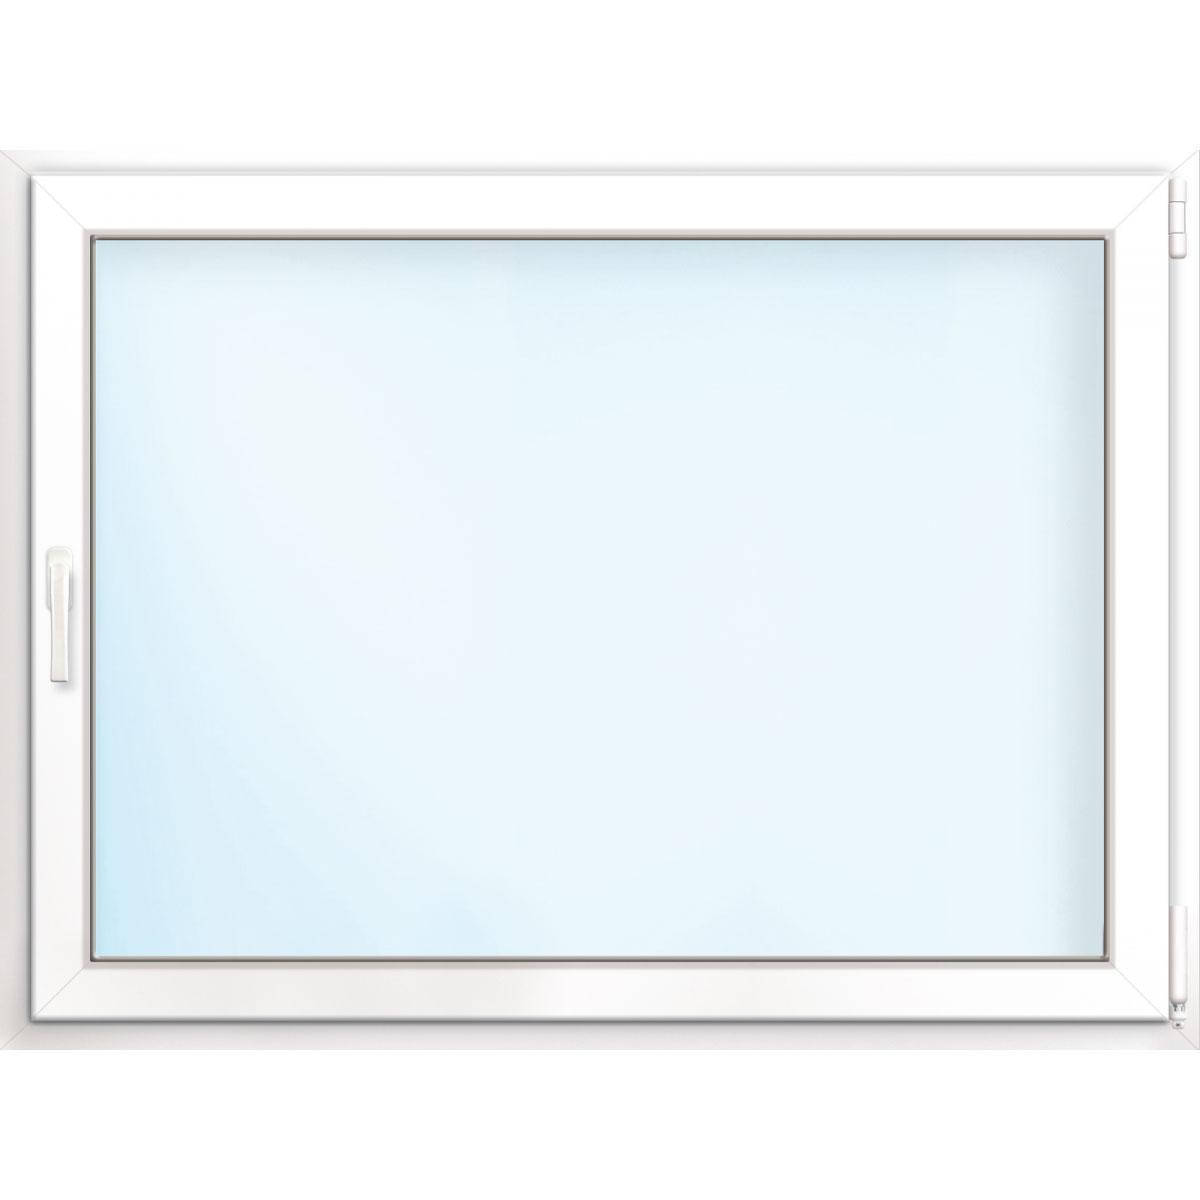 Fenster PVC 70/3 weiß/weiß Anschlag rechts 75x50 cm